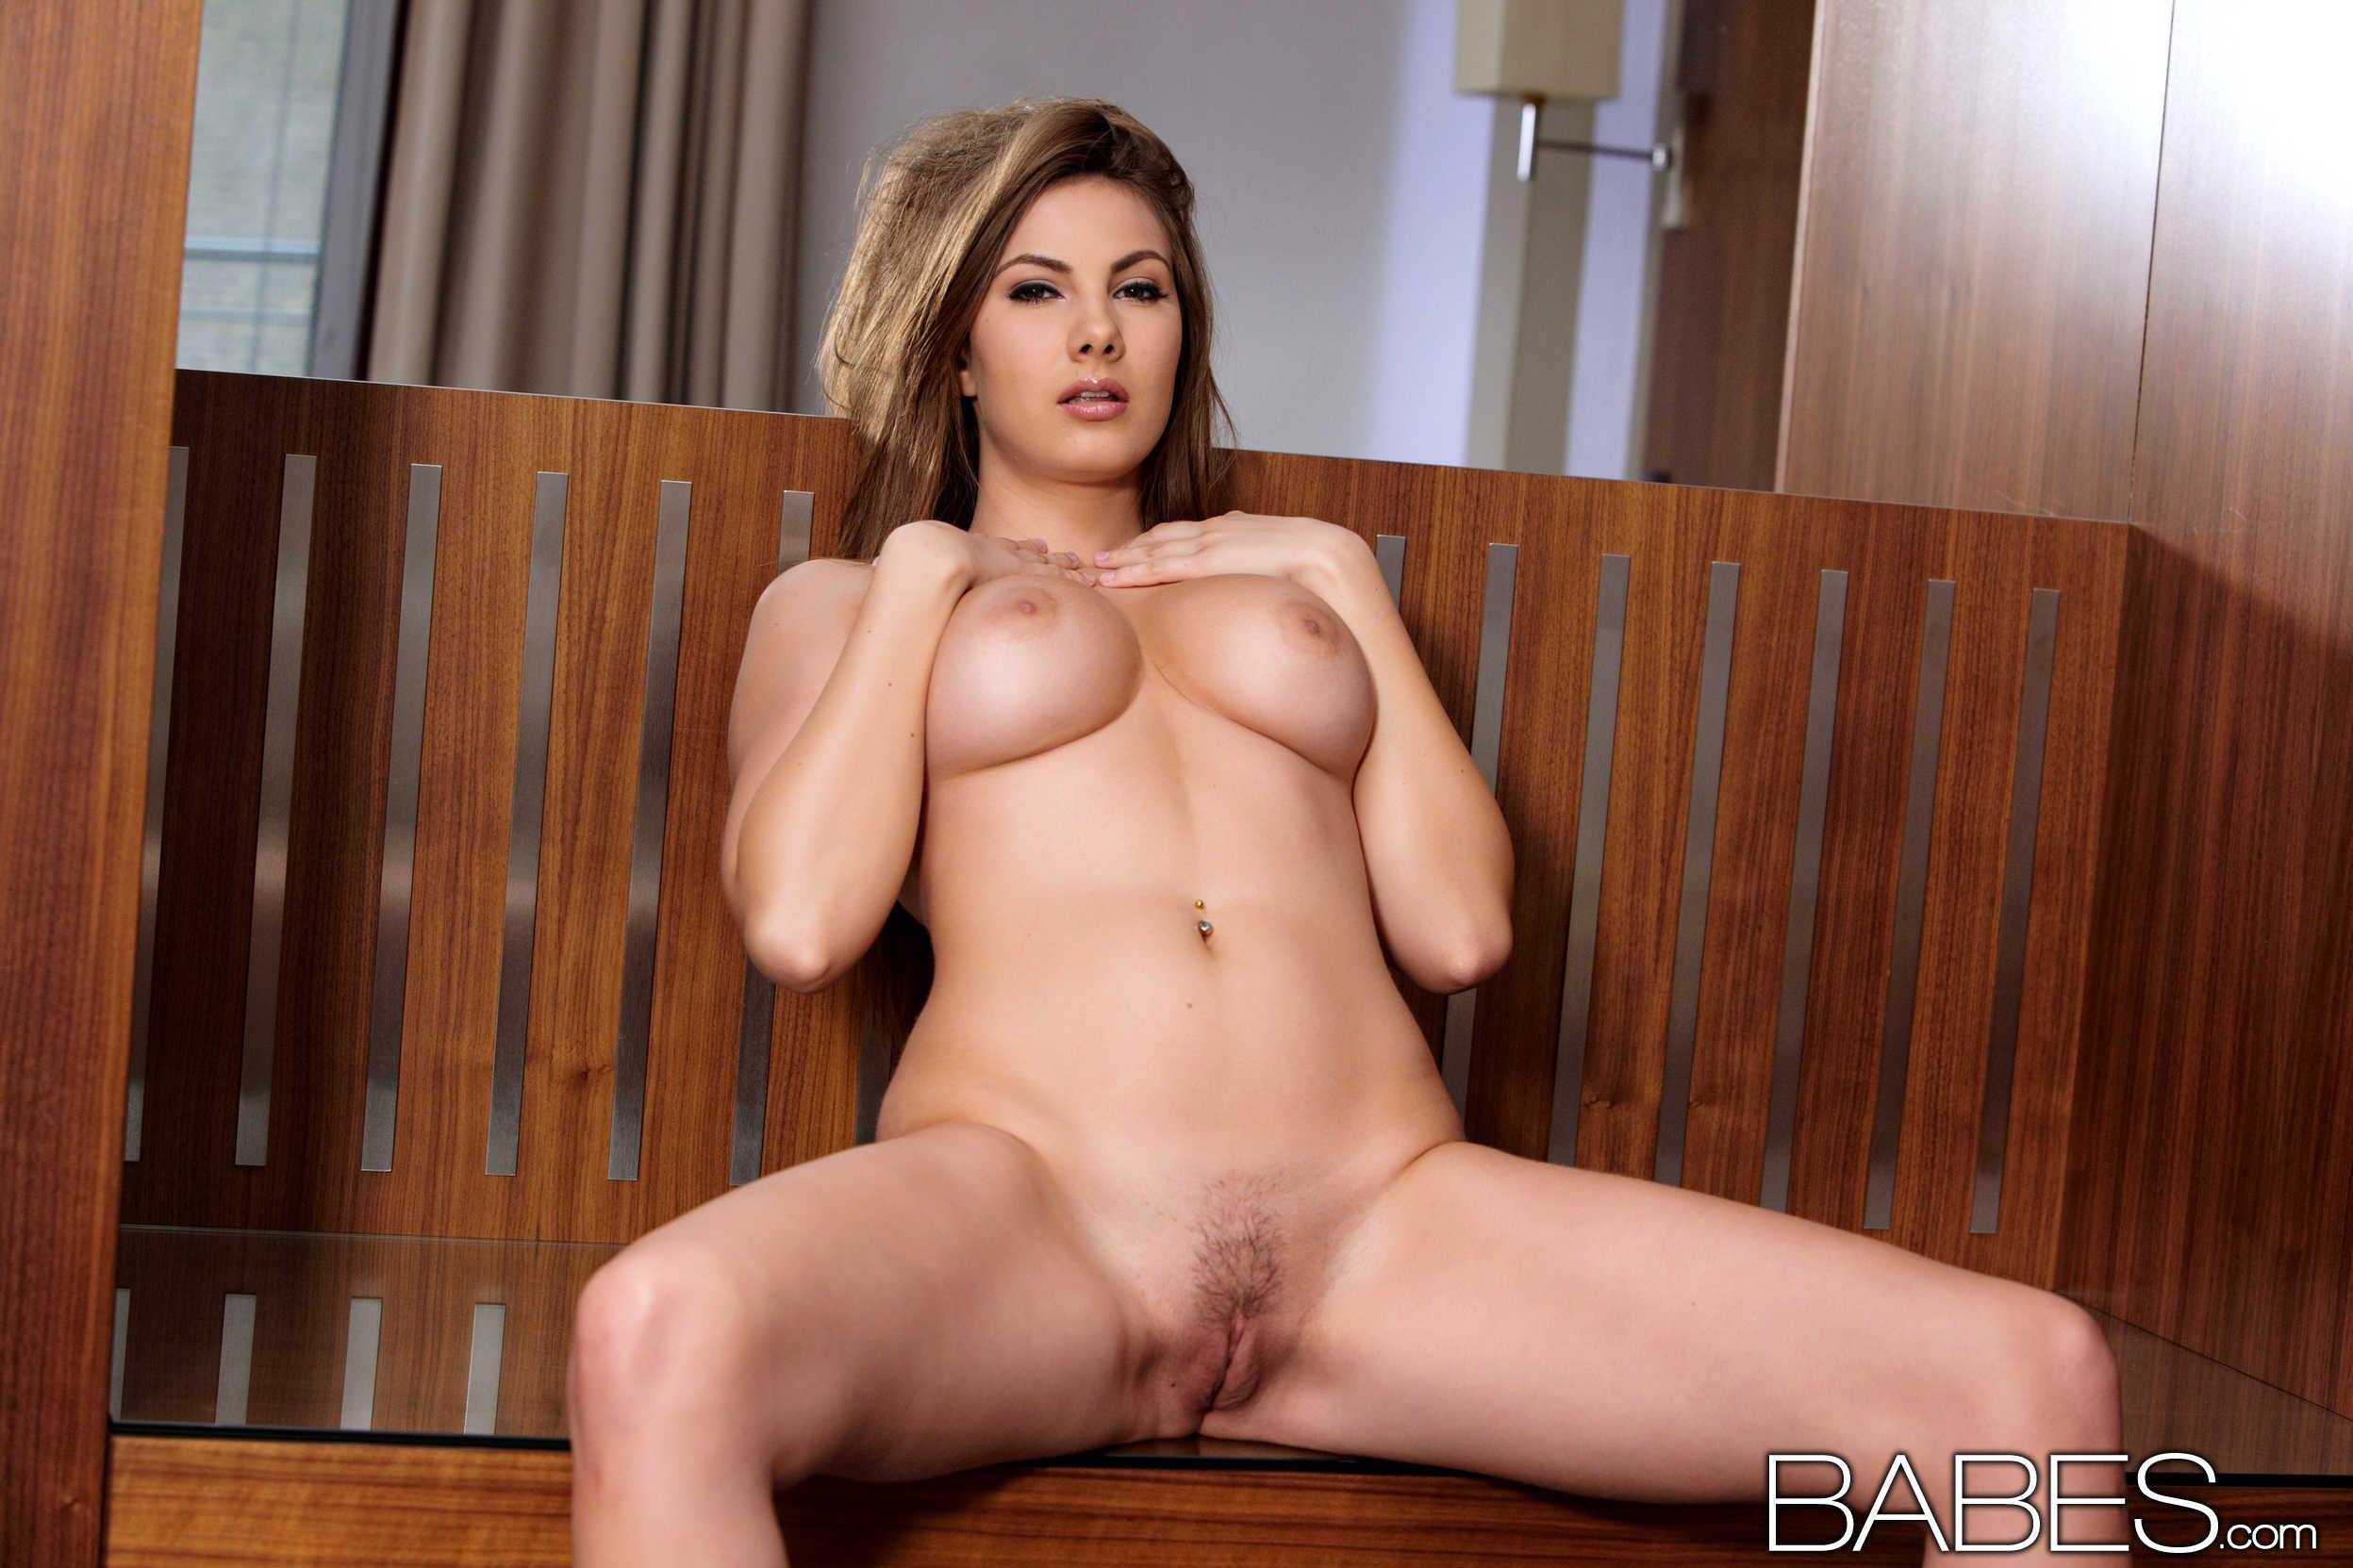 Hot brunette celebrity